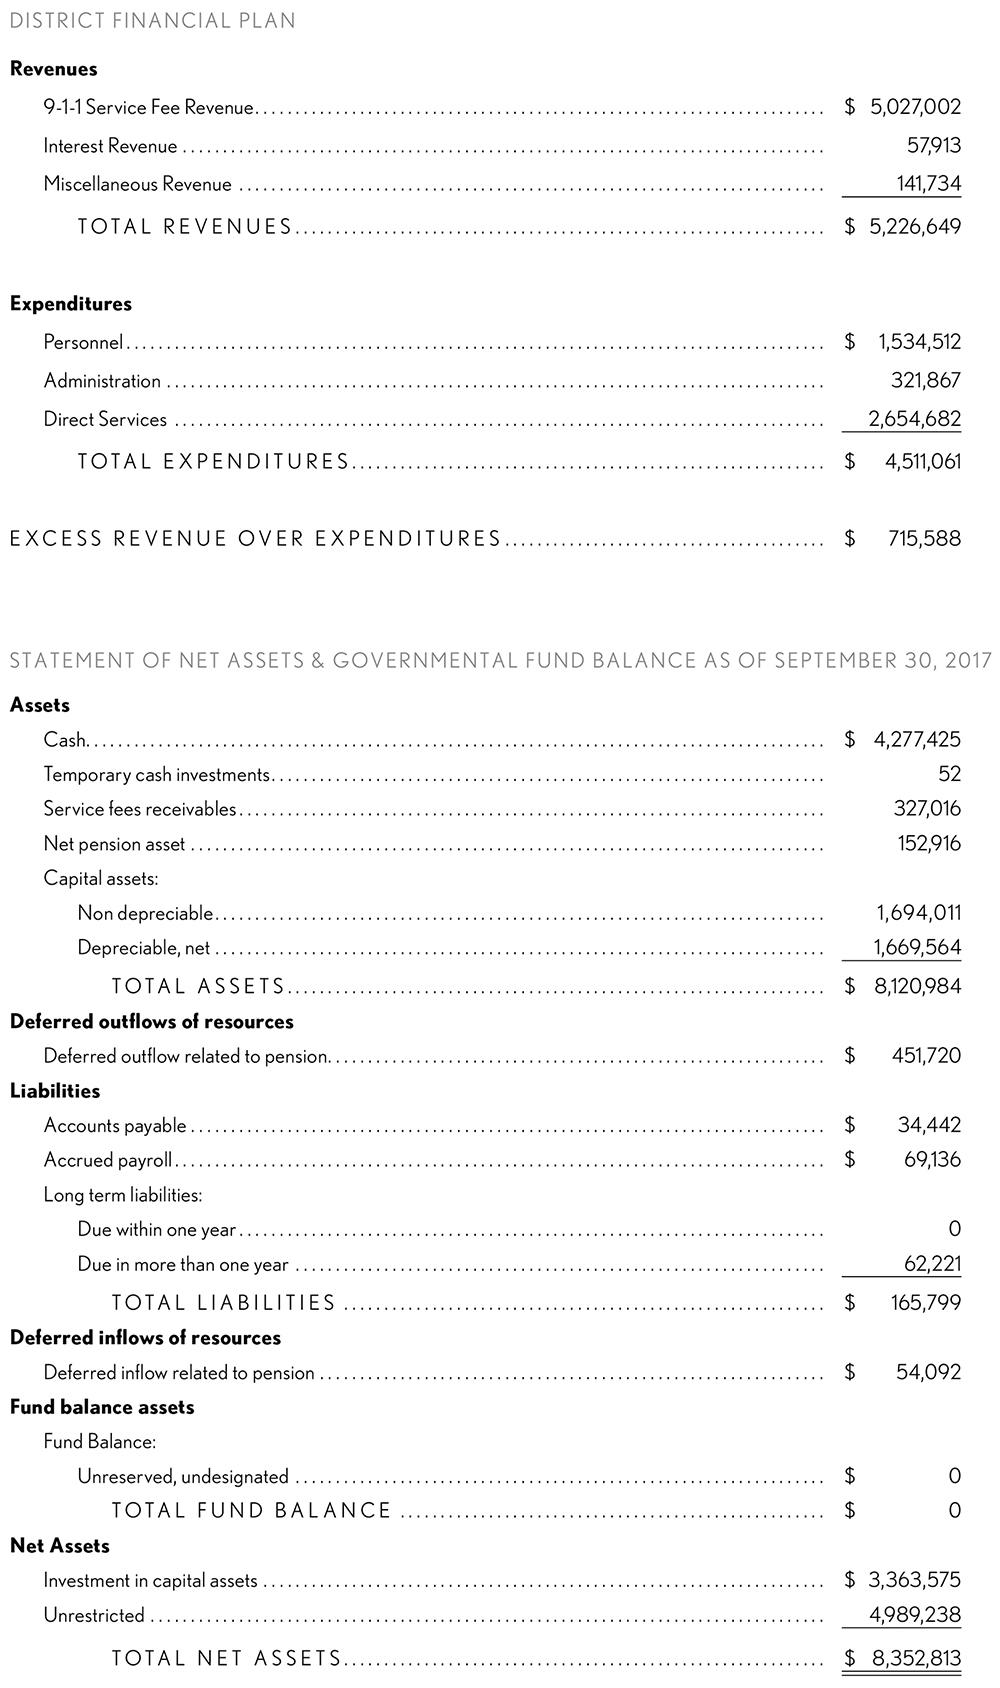 Denco_AR-2017_Financials.jpg